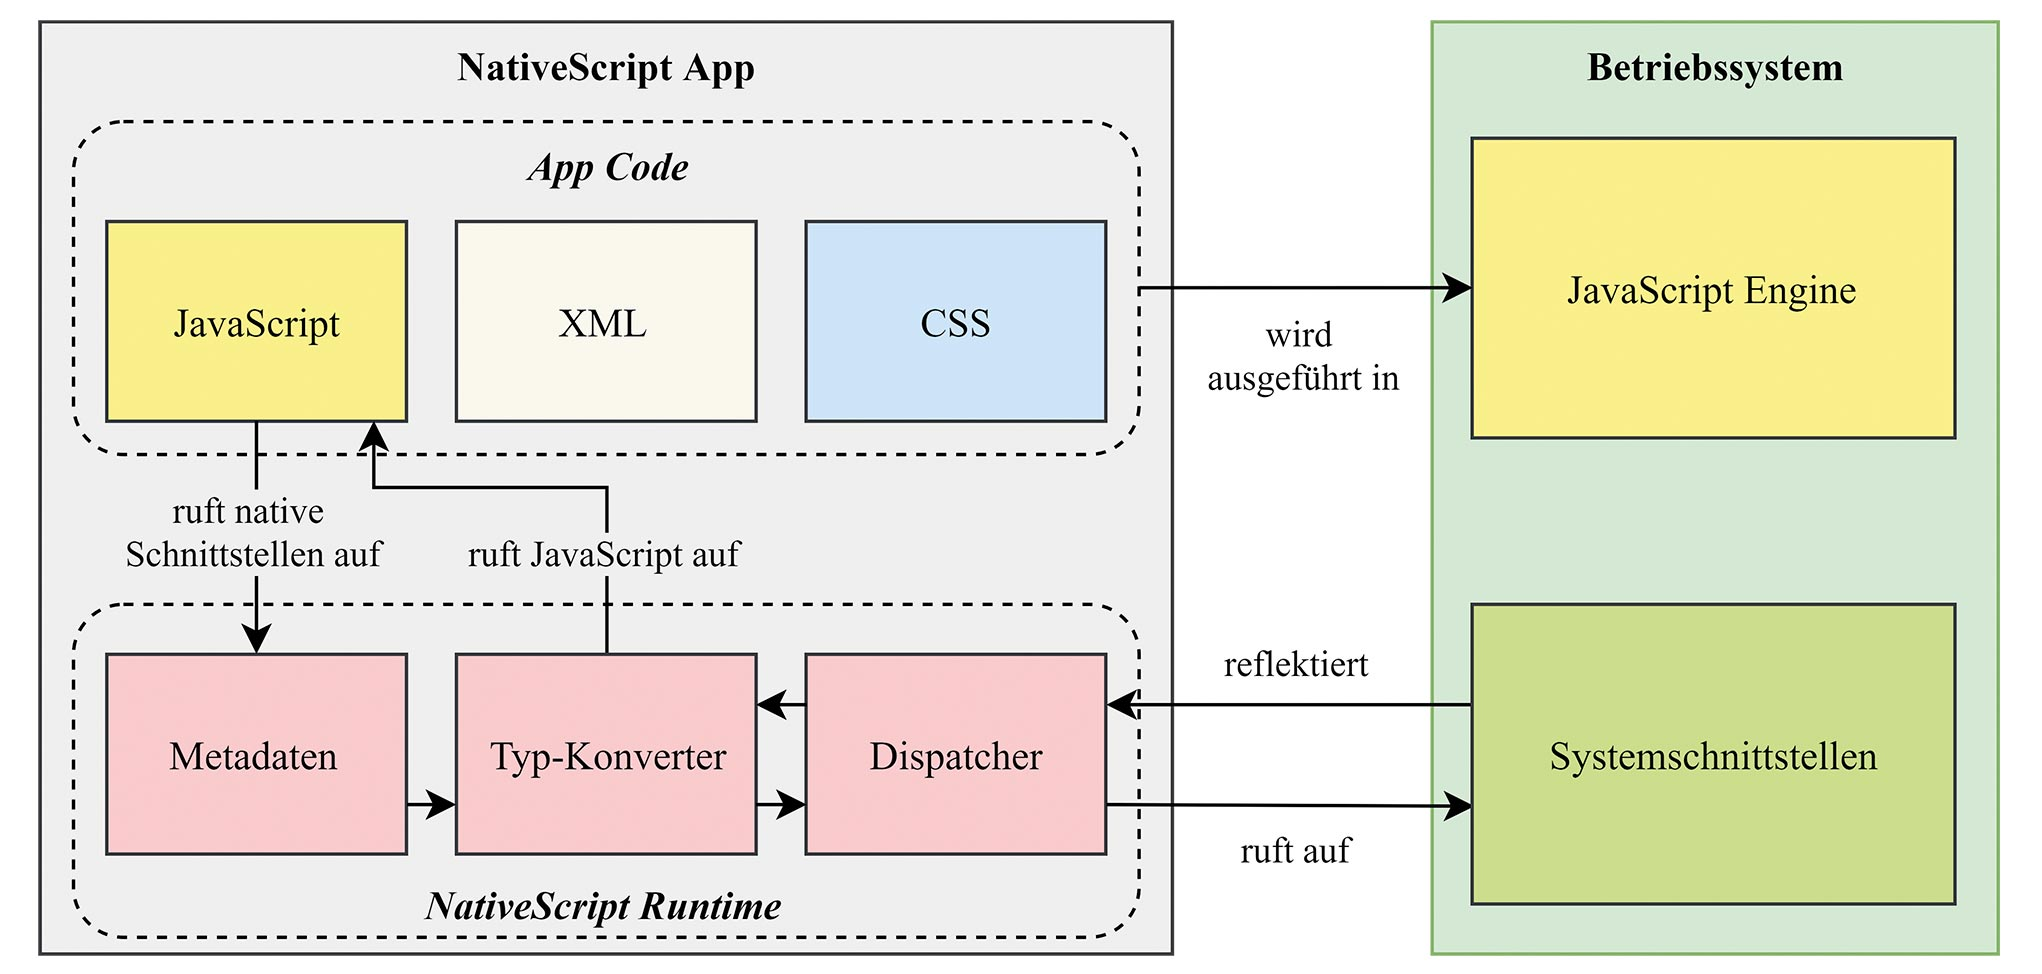 mehlhorn_cross_plattform_entwicklung_1.tif_fmt1.jpg